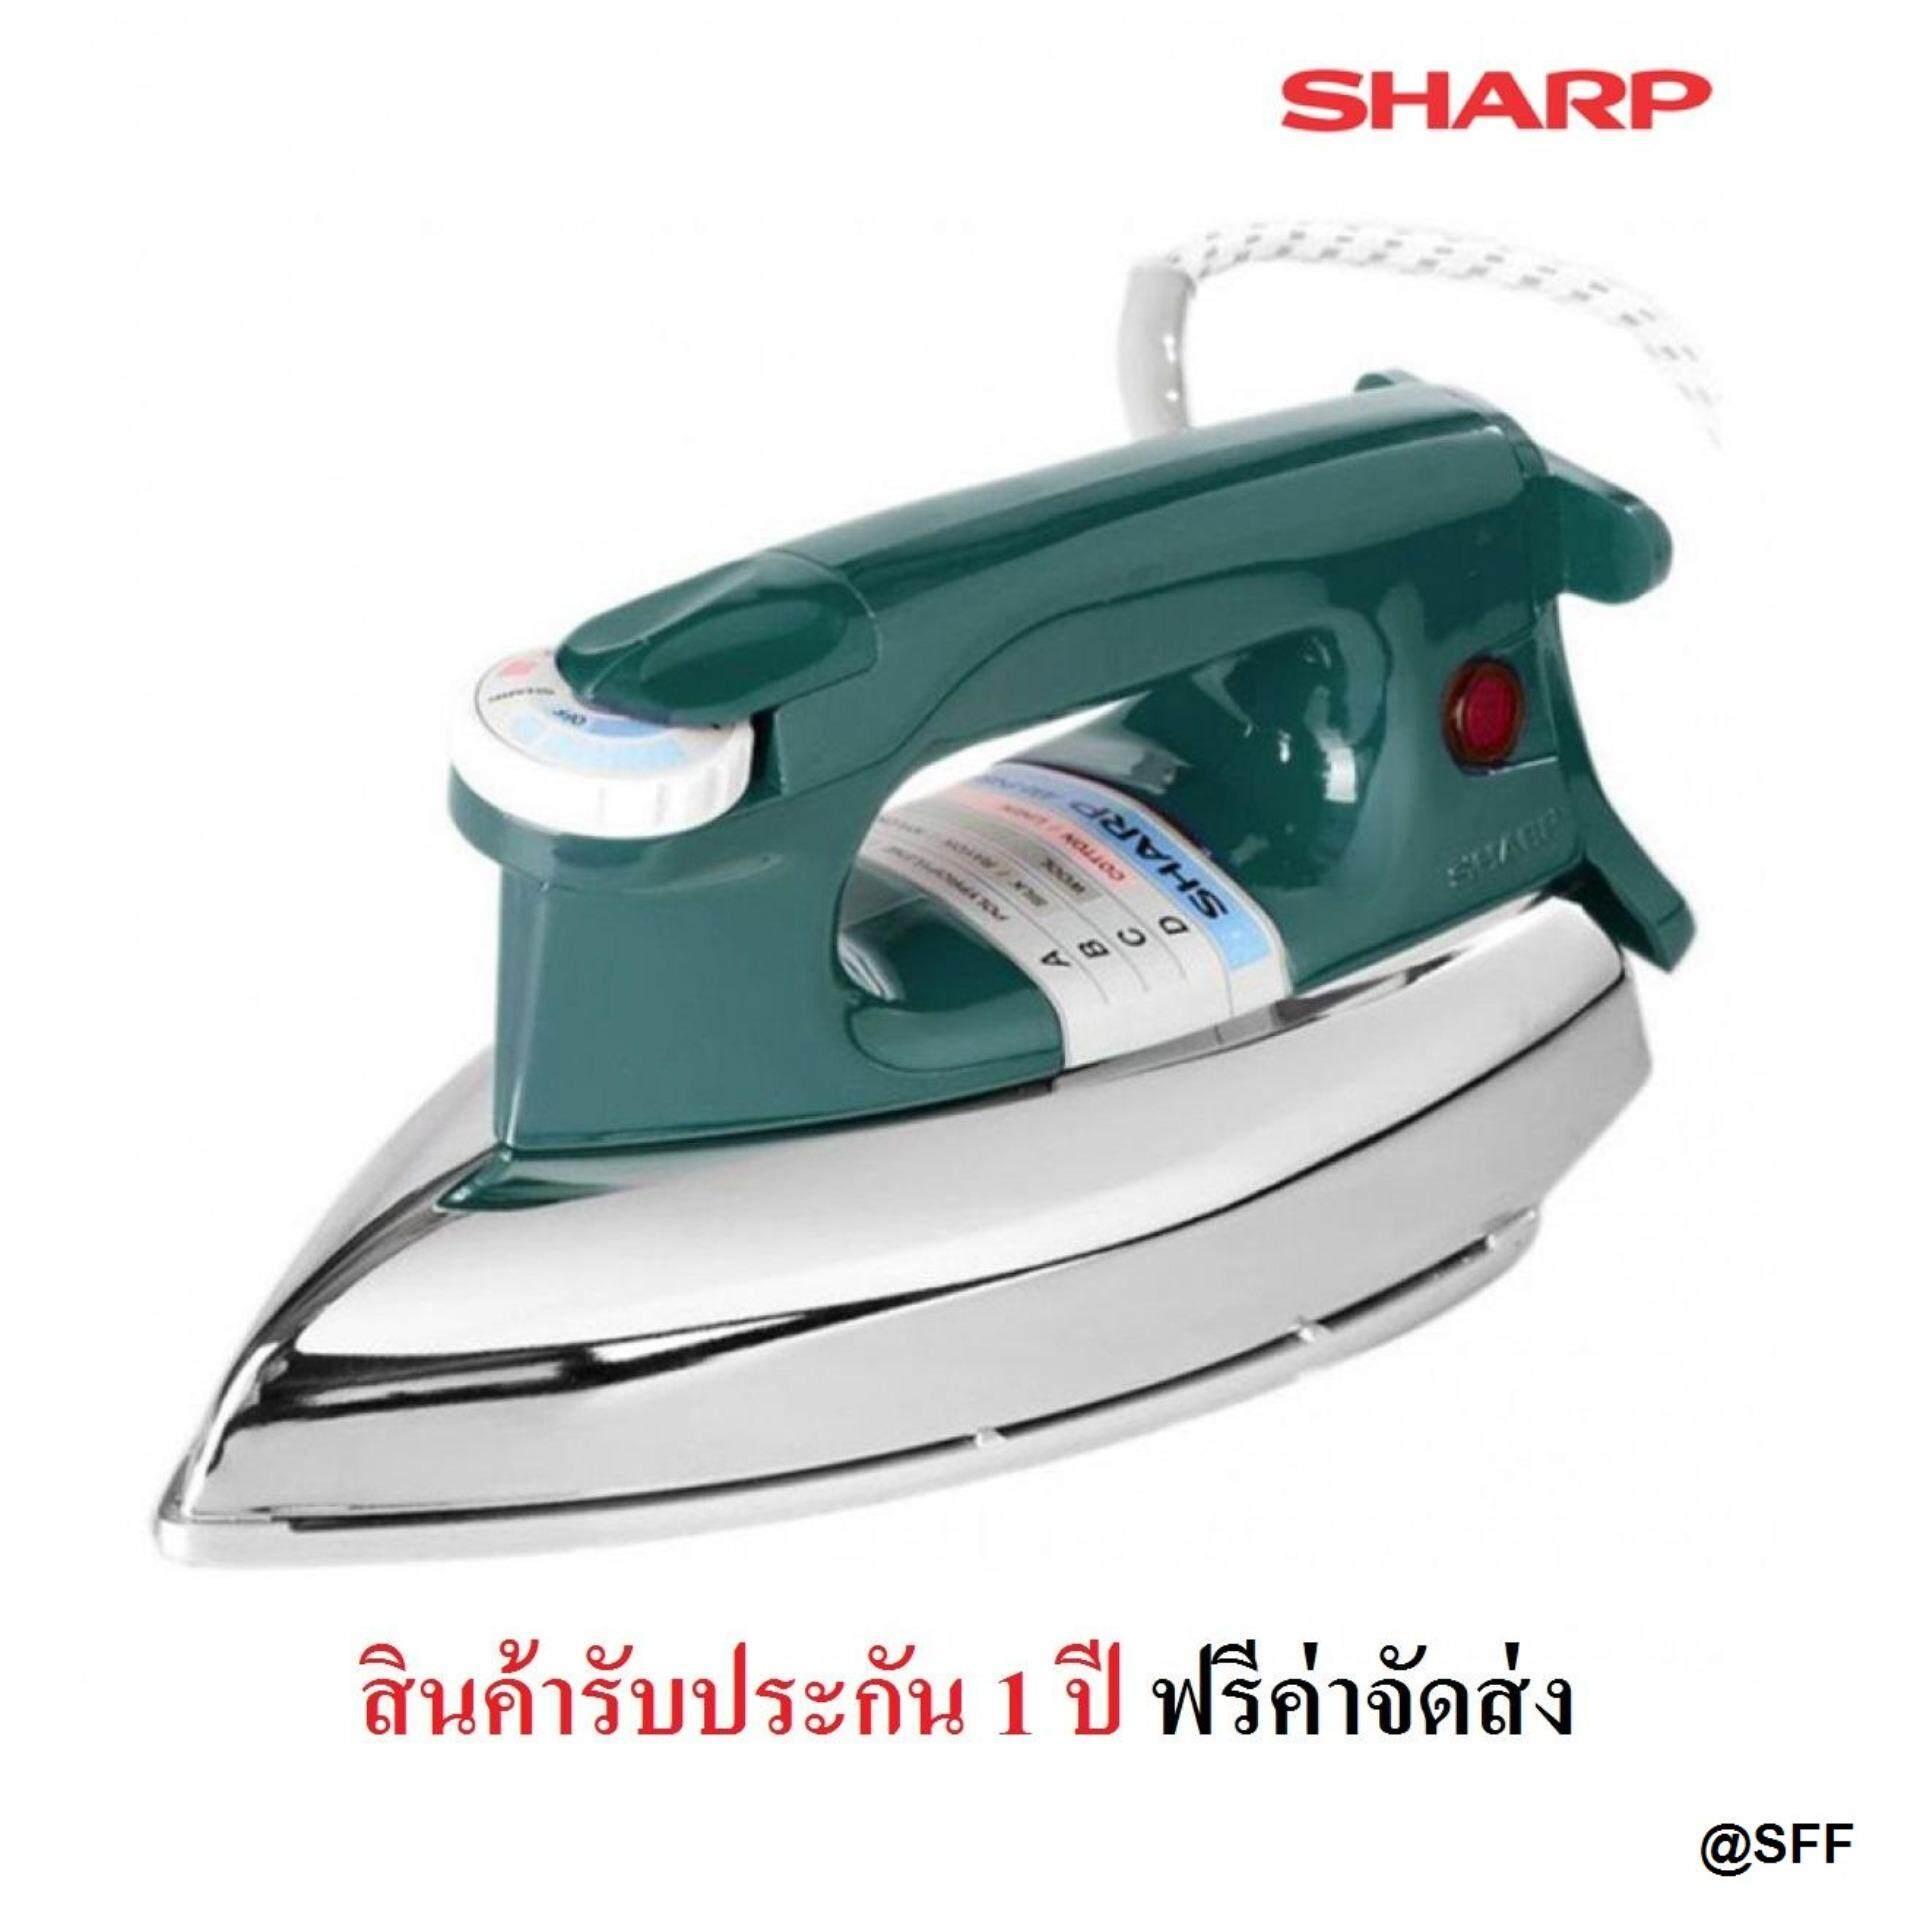 SHARP เตารีดแห้ง 3.5ปอนด์ รุ่น AM-P455 ++คละสี++